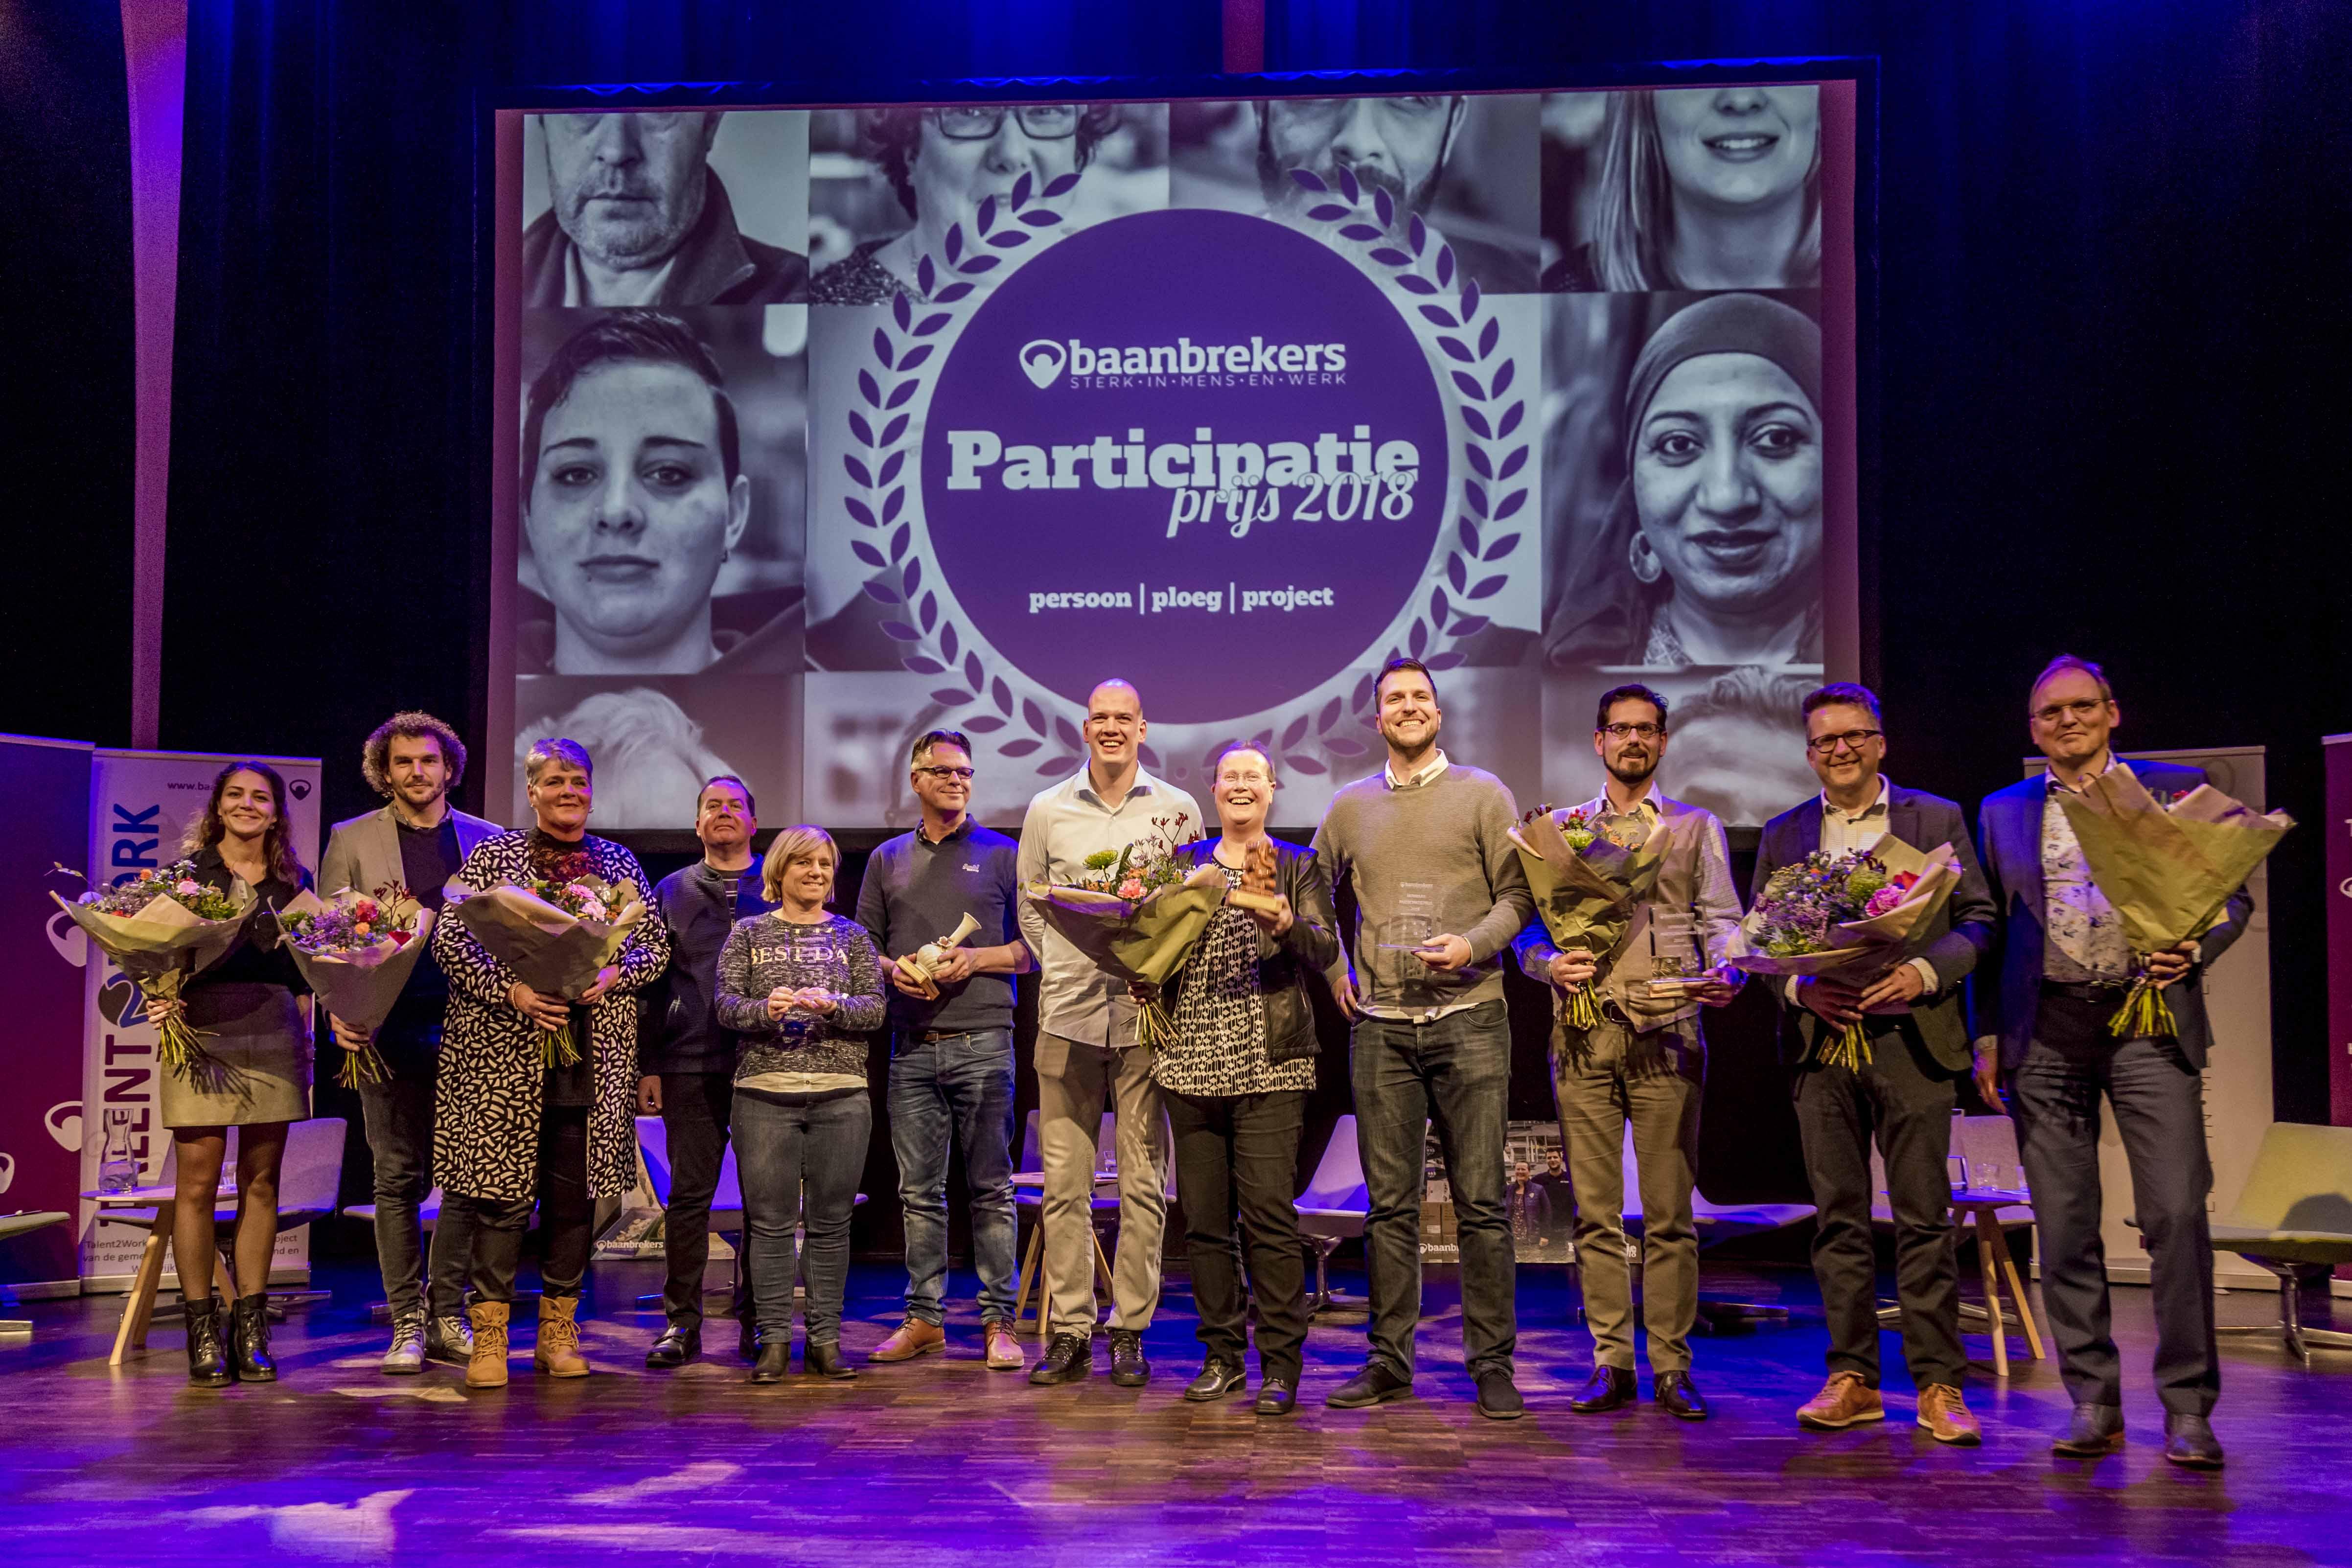 De winnaars en alle overige genomineerden voor de Participatieprijs samen op de foto